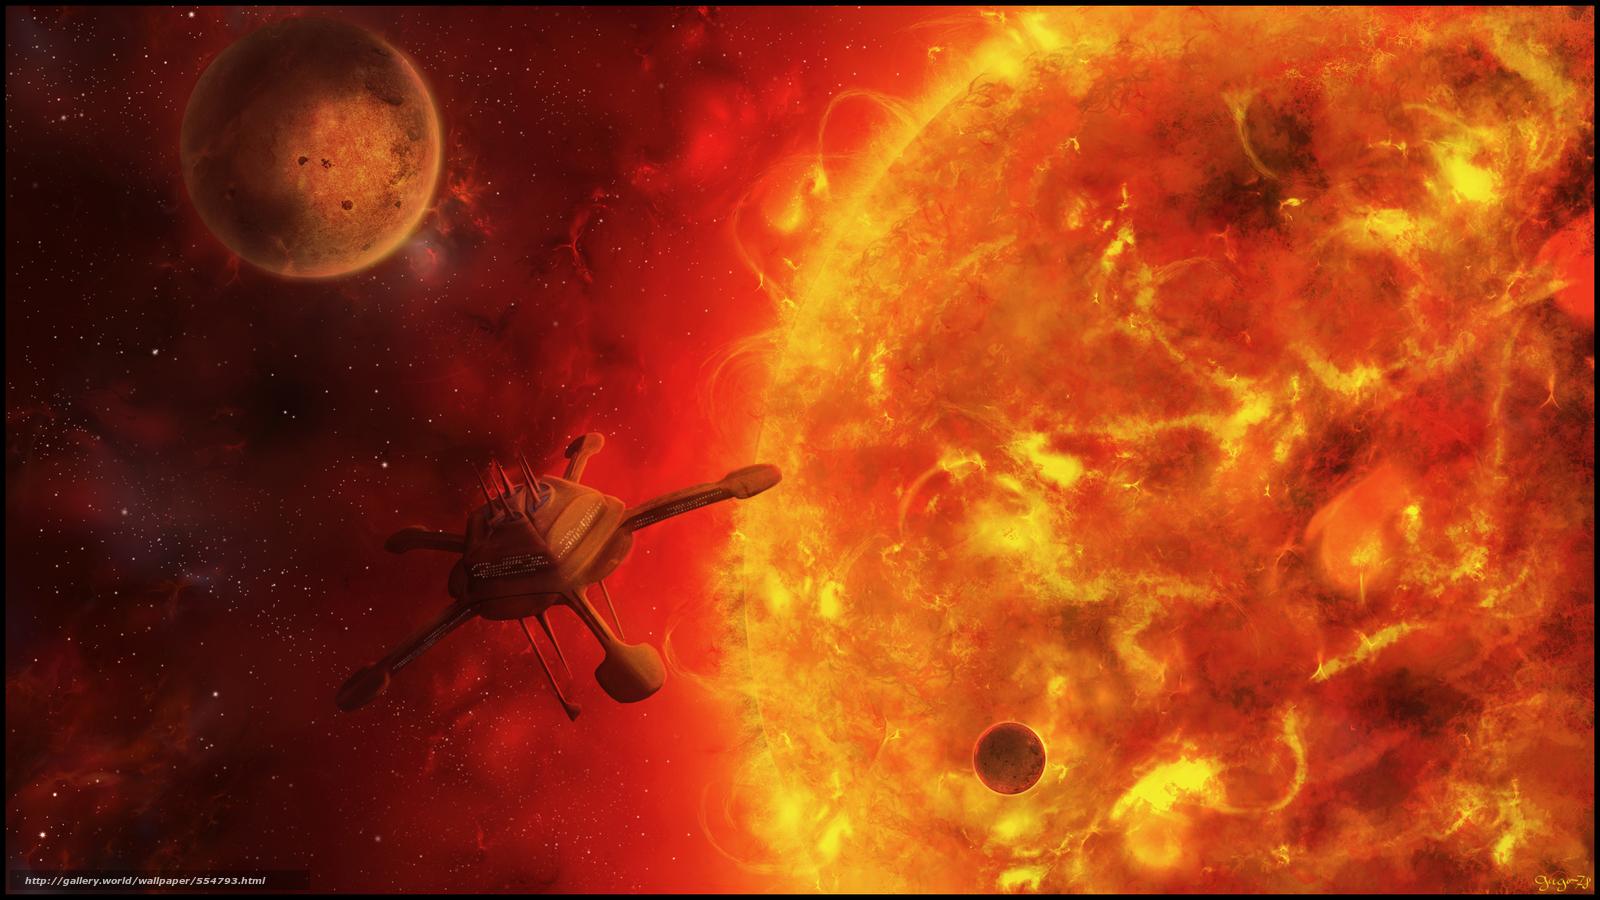 Космос / 554793 Ручное изменение размера ...: ru.gde-fon.com/download/kosmos_3d_art/554793/2560x1440